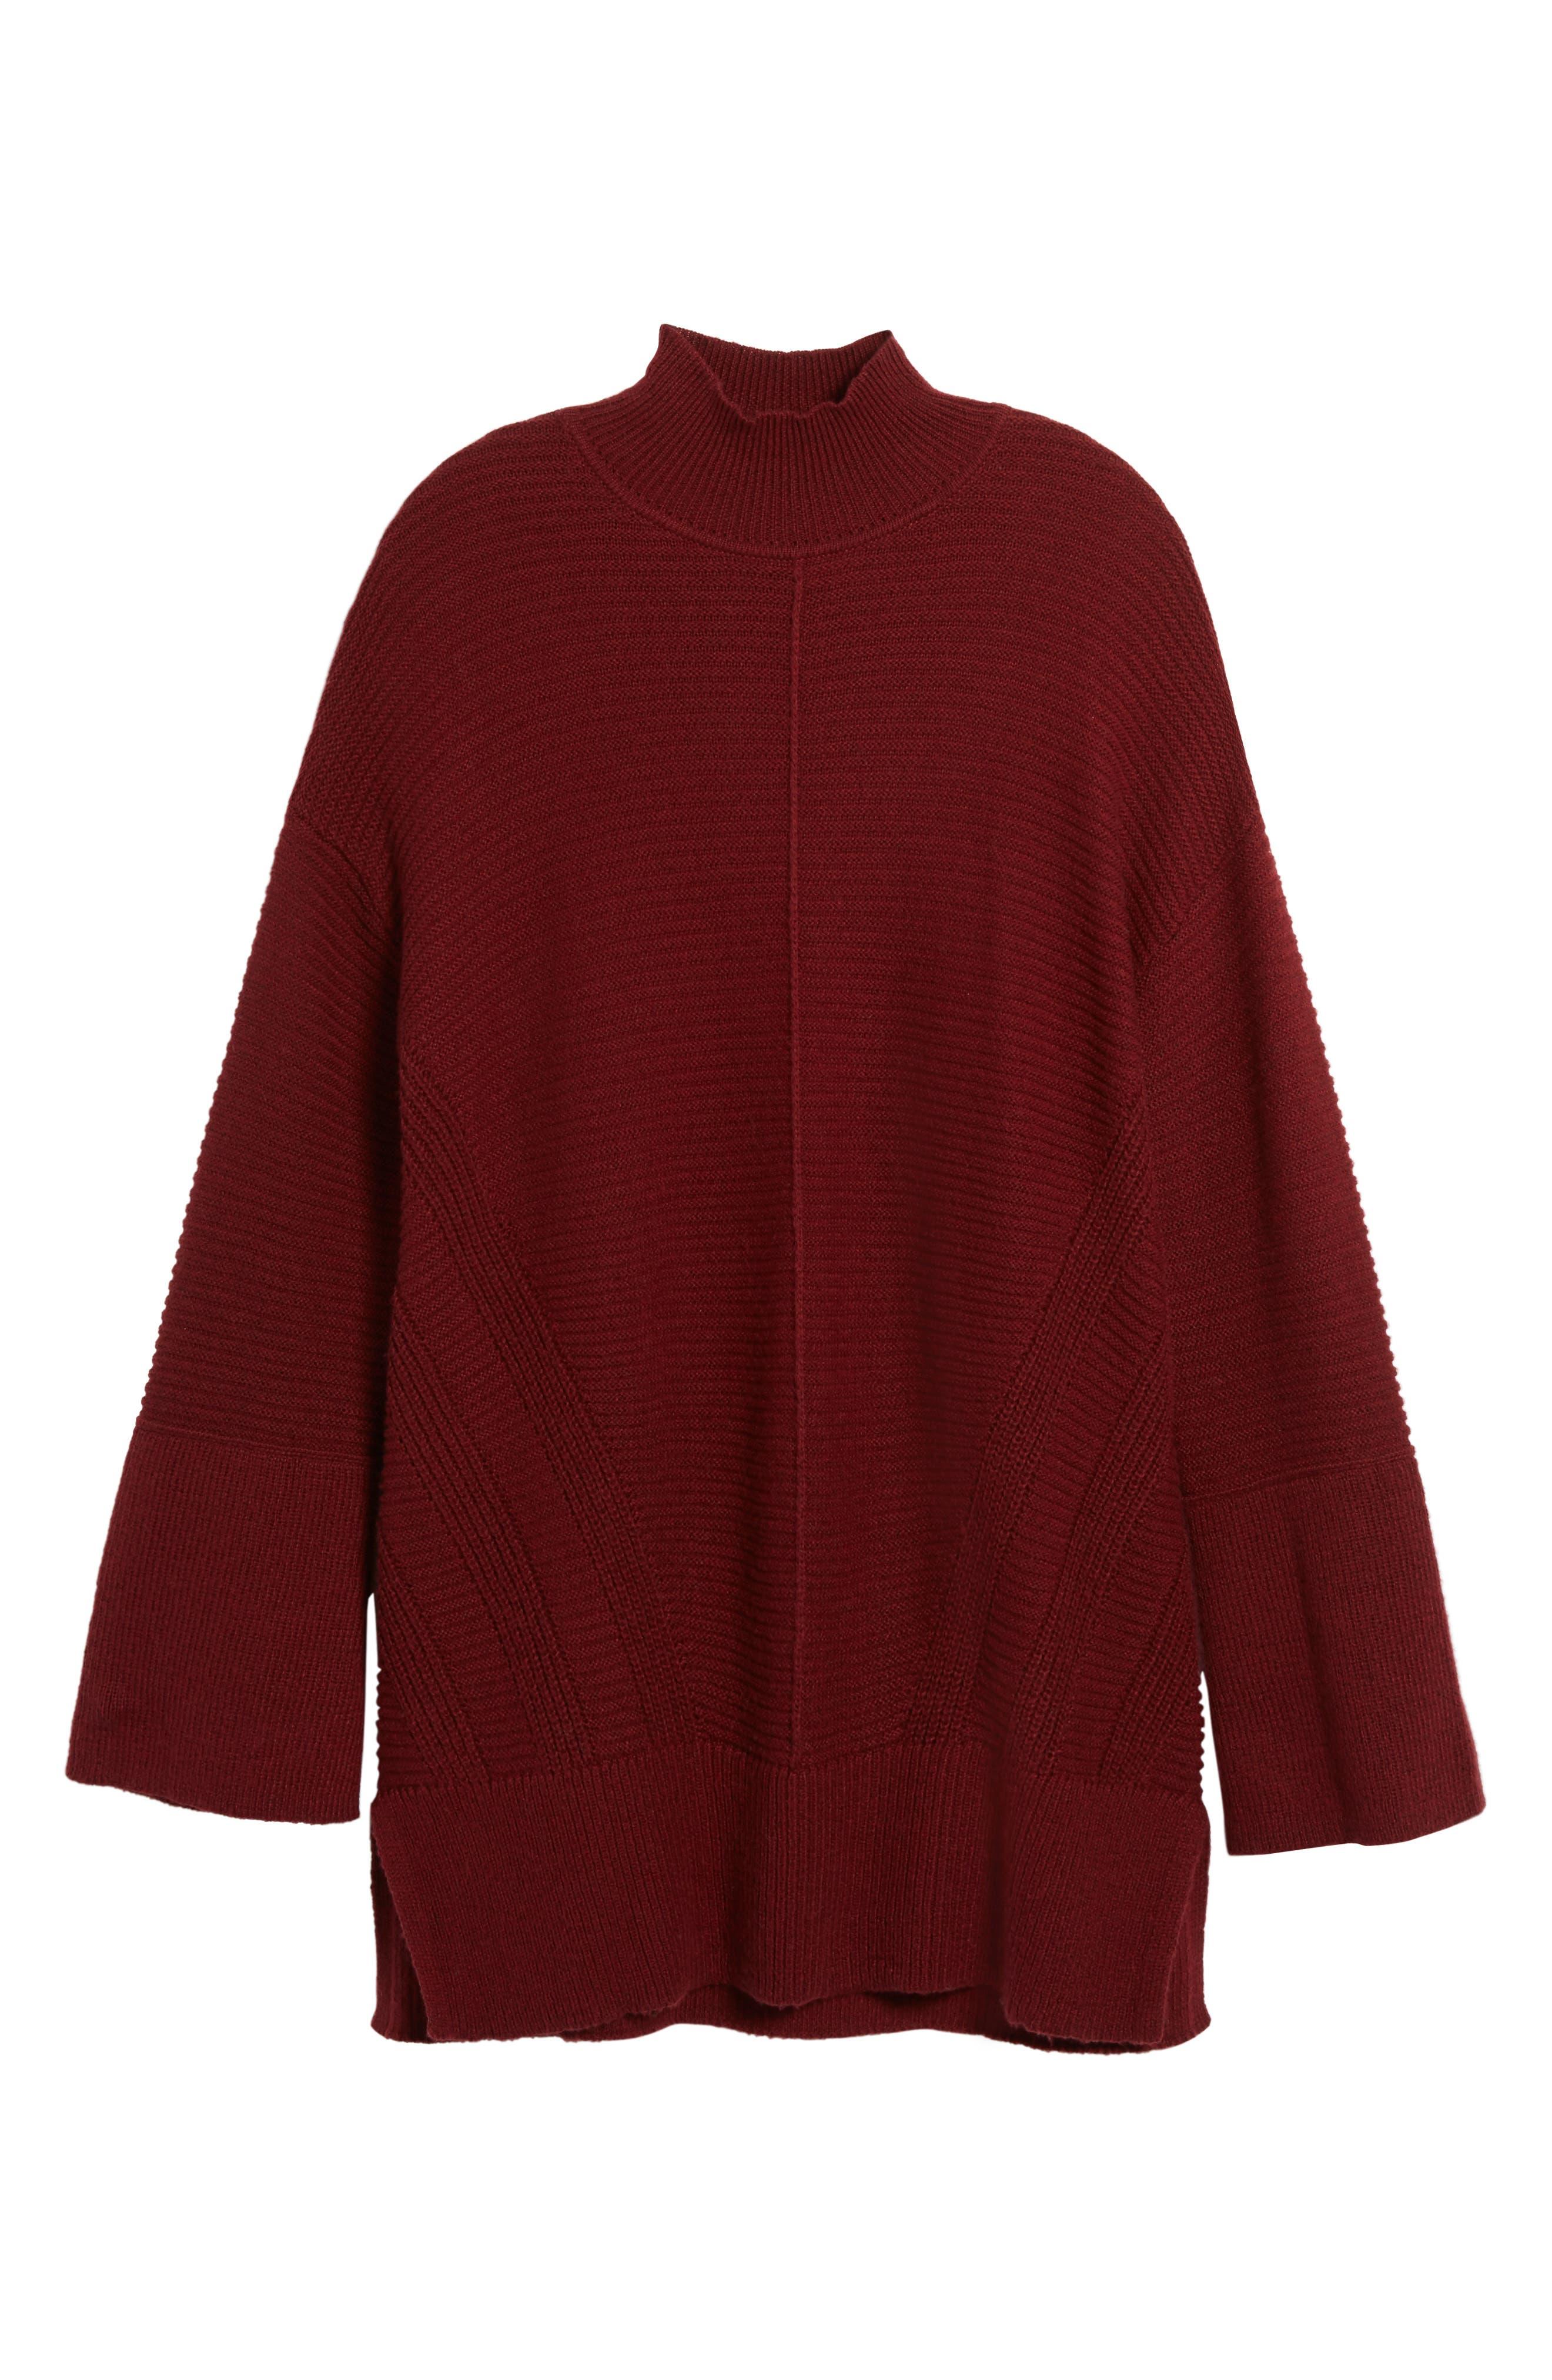 Women's Caslon® Sweaters | Nordstrom